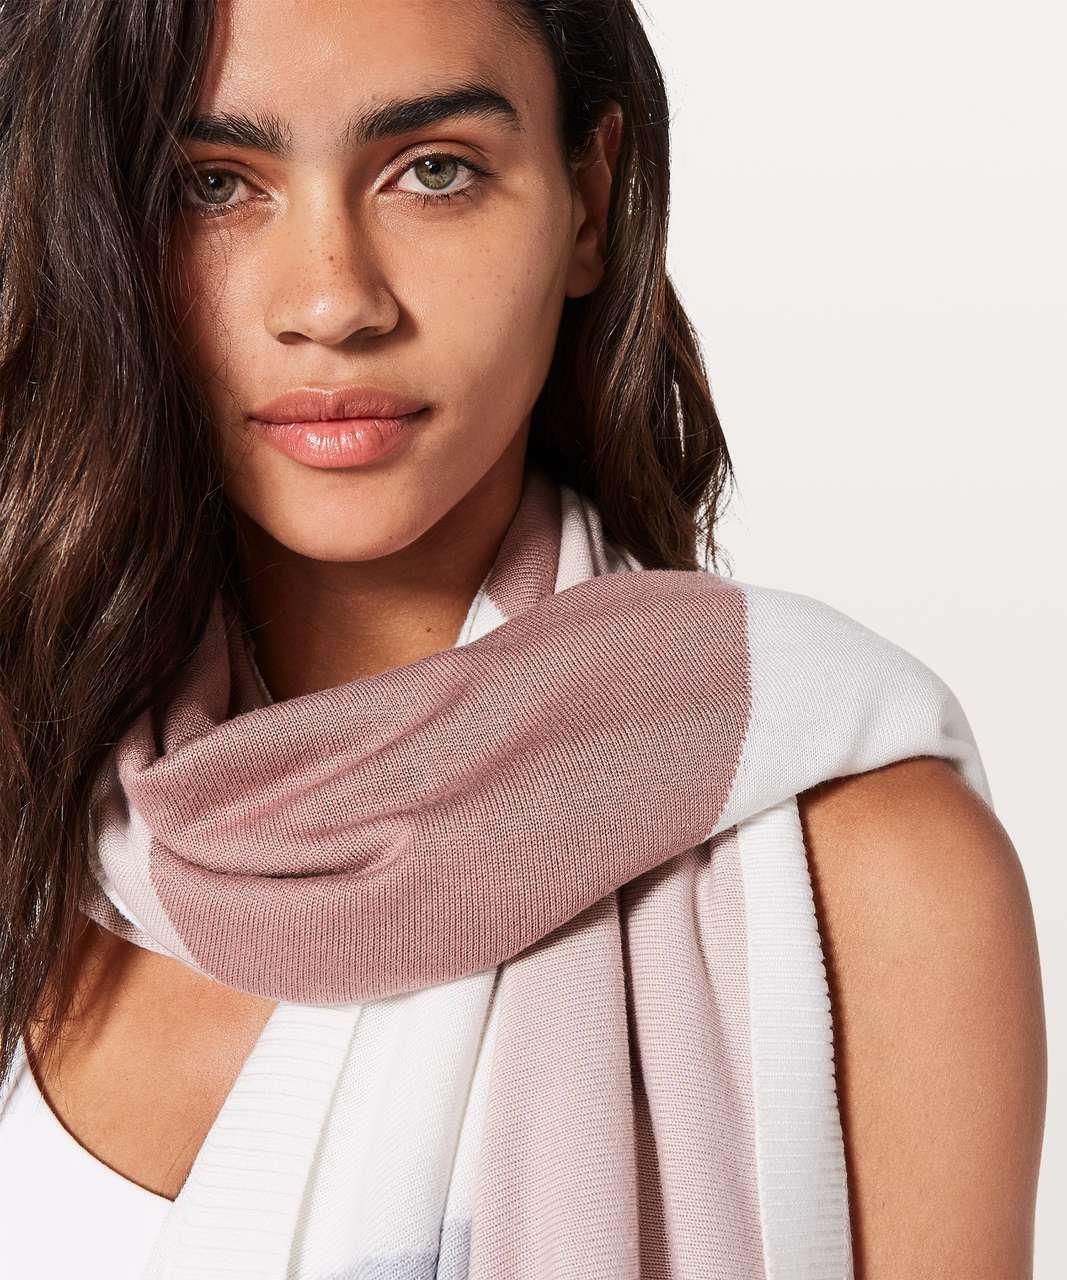 Lululemon Hatha Wrap - Quicksand / Misty Pink / Silver Fox / Alpine White